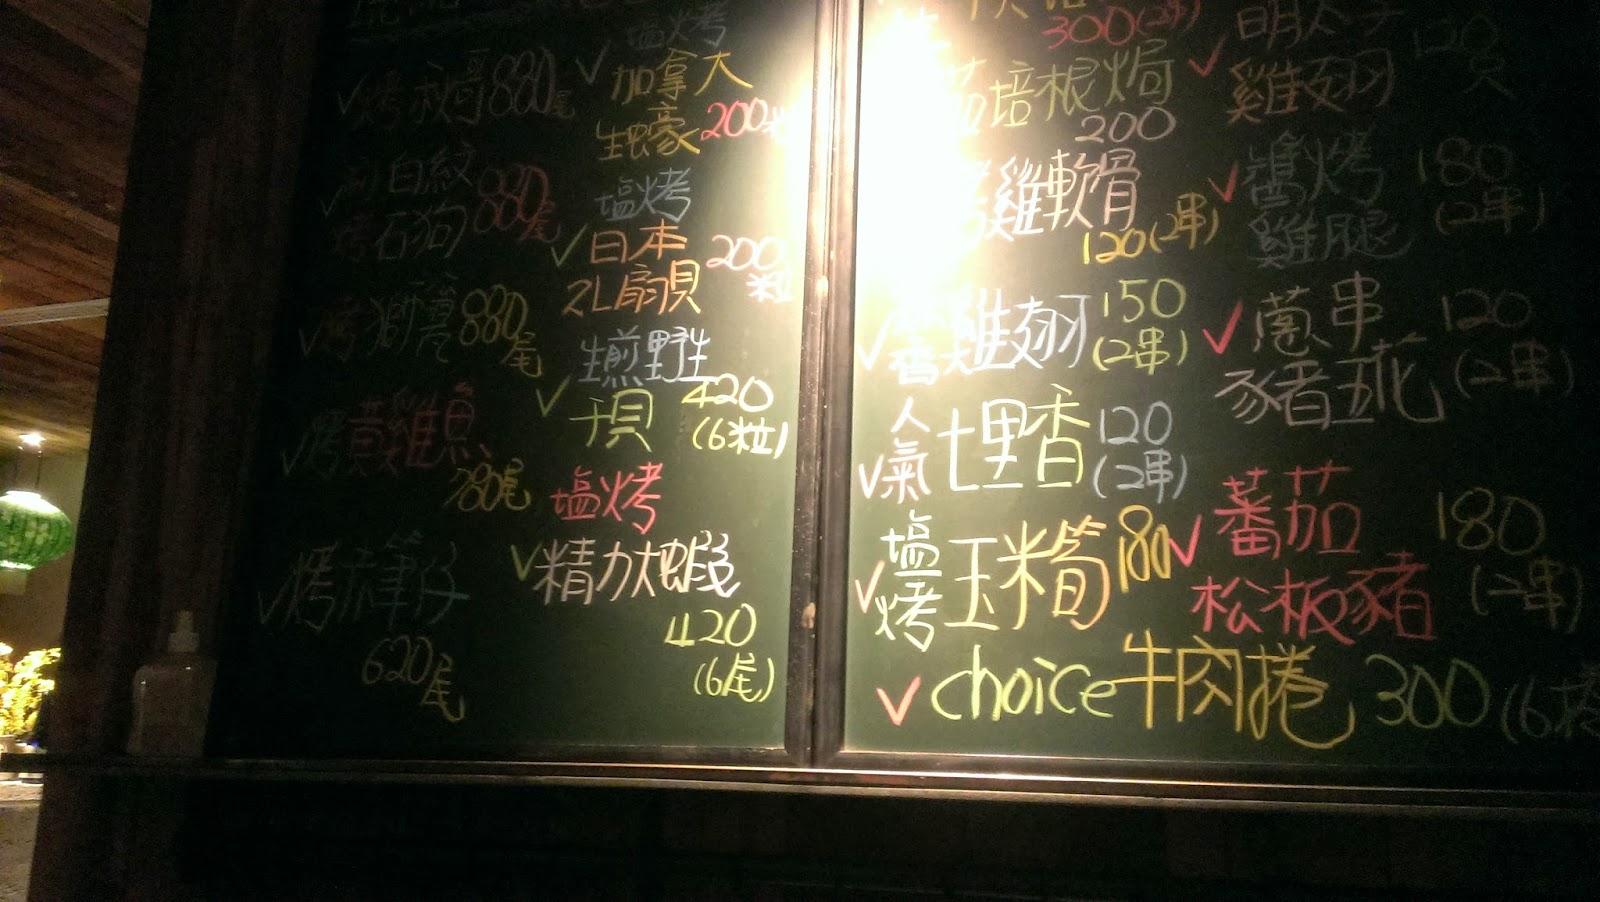 2014 11 08%2B18.22.05 - [食記] 香聚鍋 - 高價、精緻的火鍋,食材新鮮多樣適合好久不見的小聚